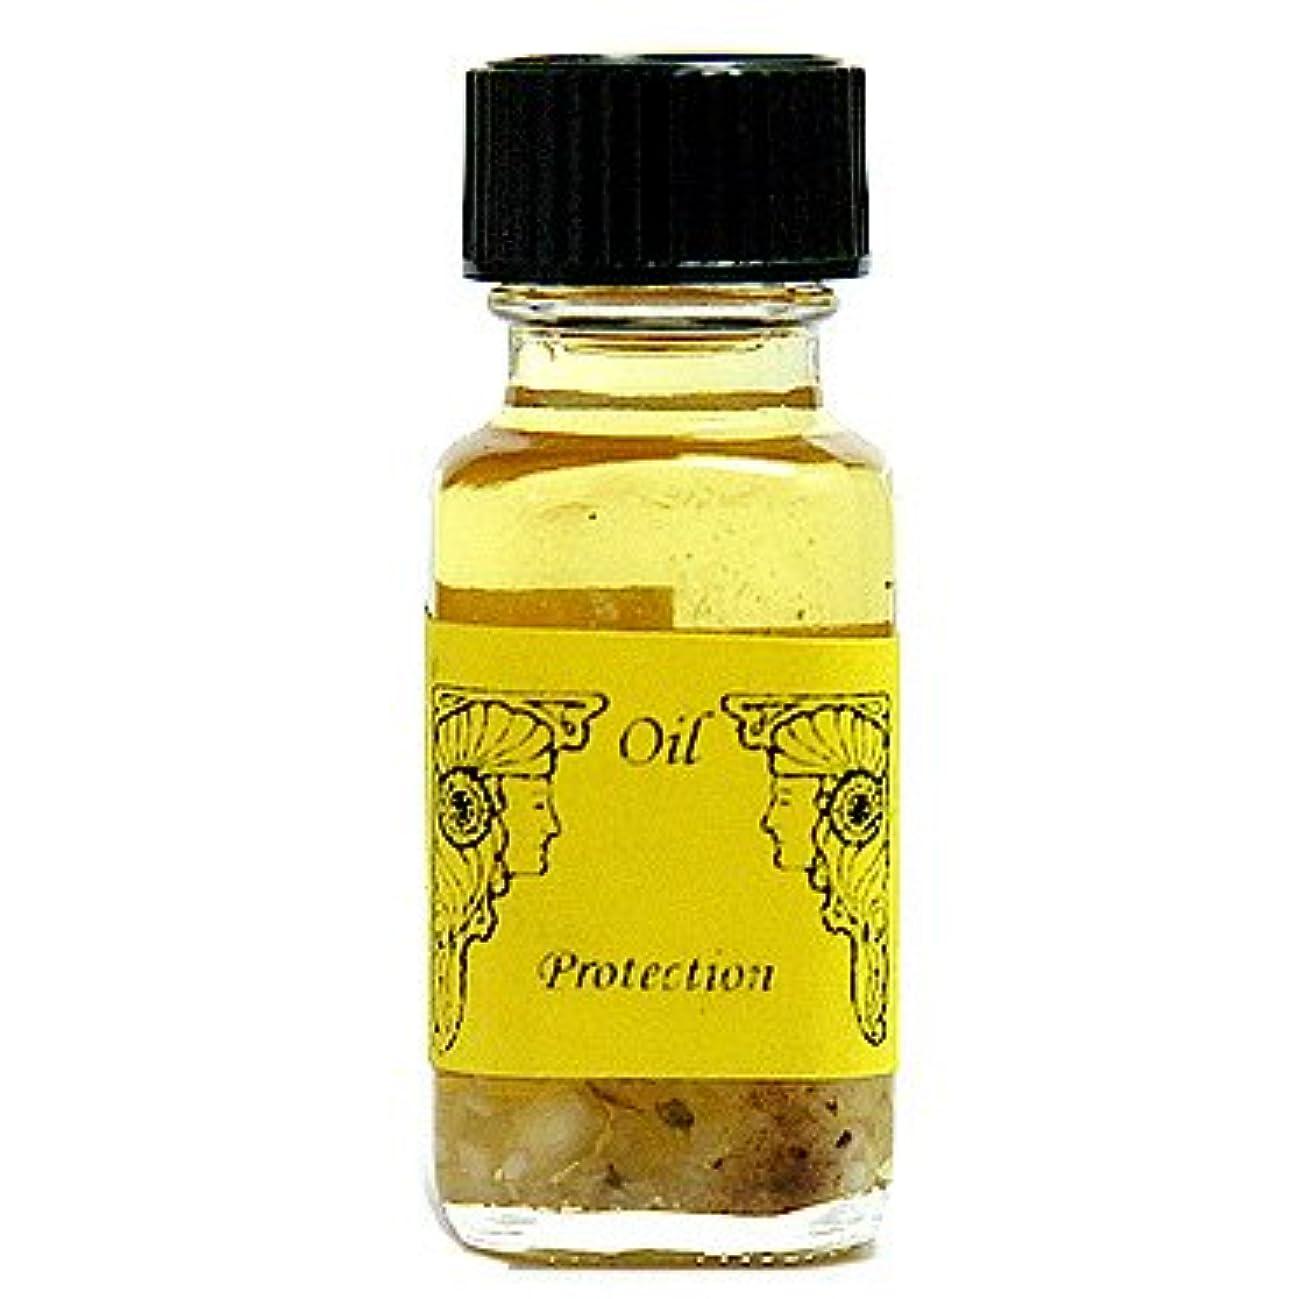 北西パンチ標高アンシェントメモリーオイル プロテクション (守護?厄よけ) 15ml (Ancient Memory Oils)